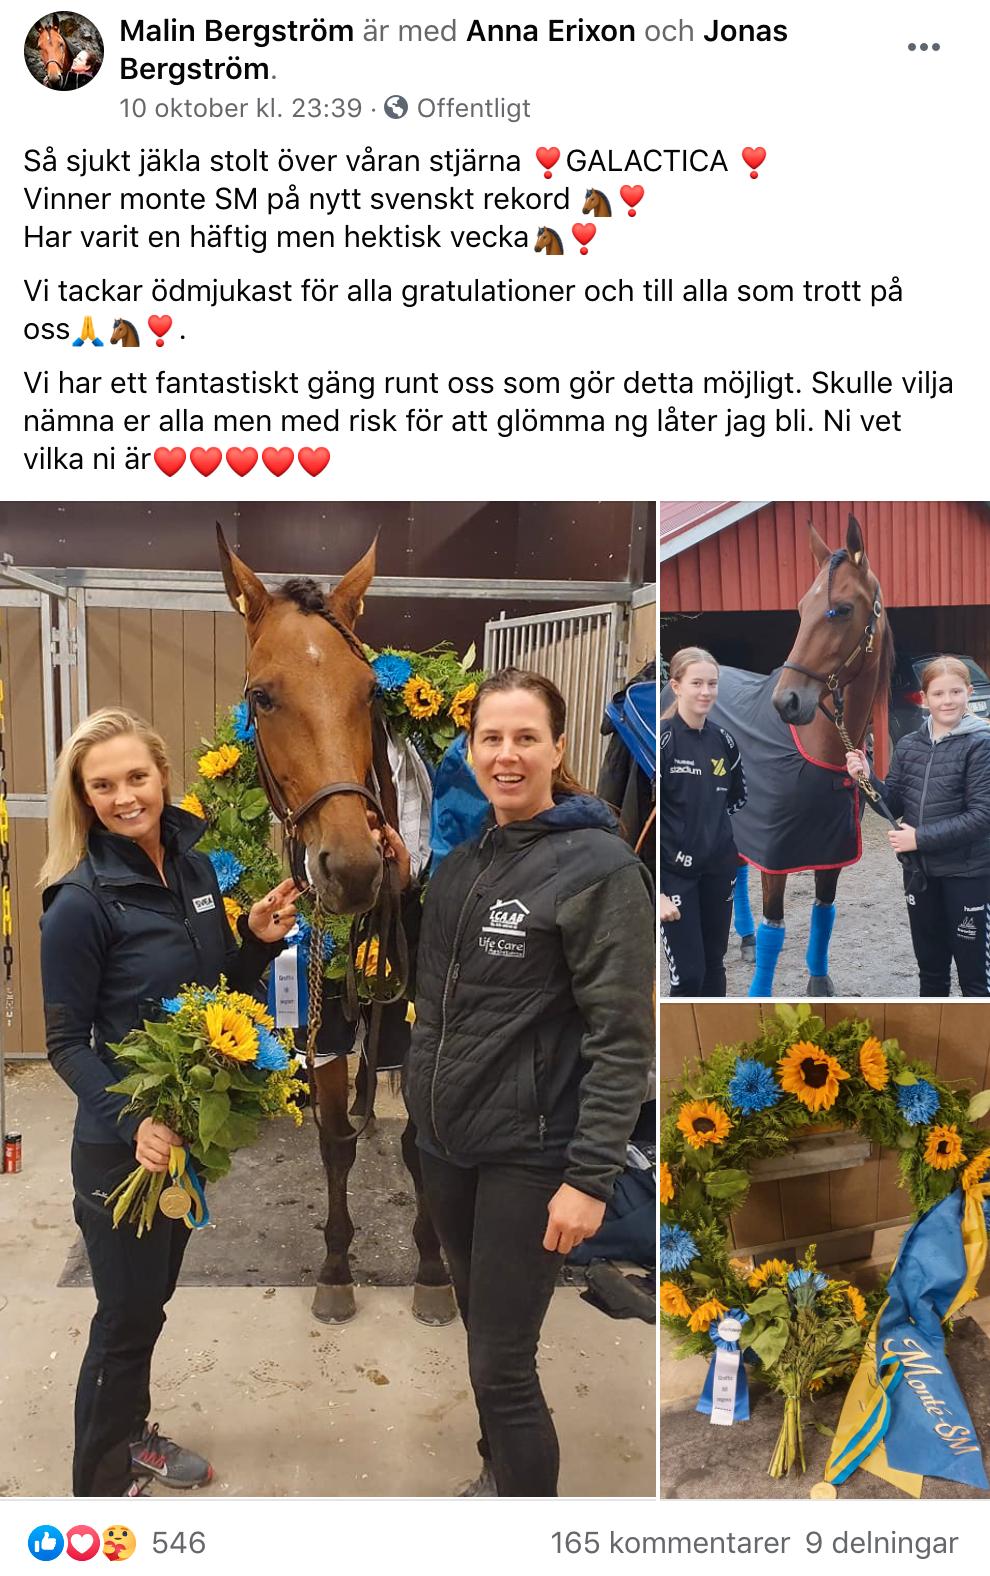 En stolt tränare (Maliin Bergström) tackar alla som varit en del i Galacticas framgångar